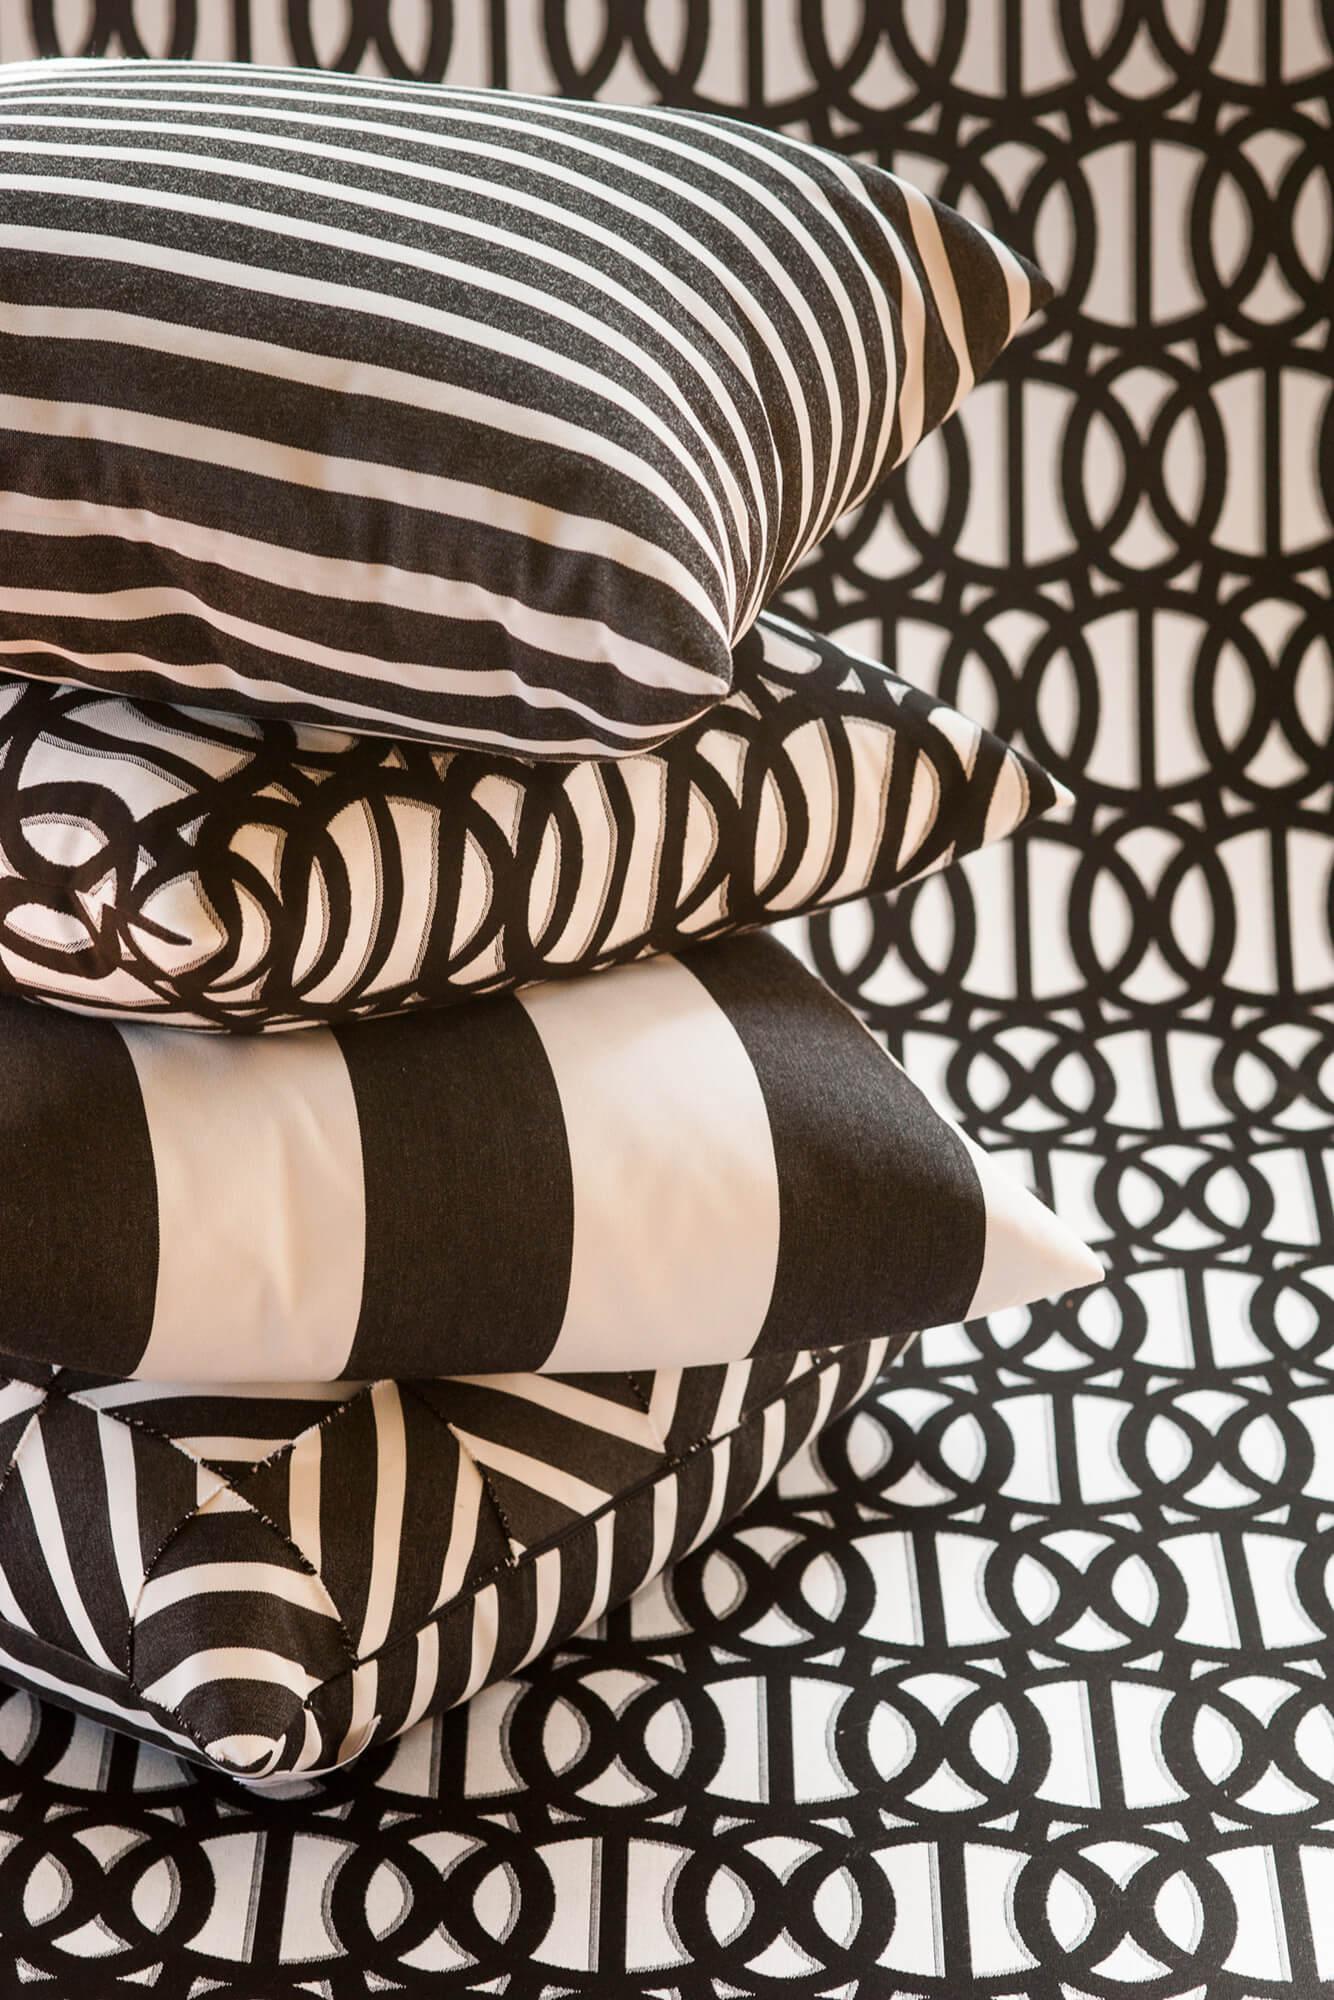 กองหมอนสีขาวและดำตัดกับพื้นหลังผ้าแจ็คการ์ดสีขาวและดำ